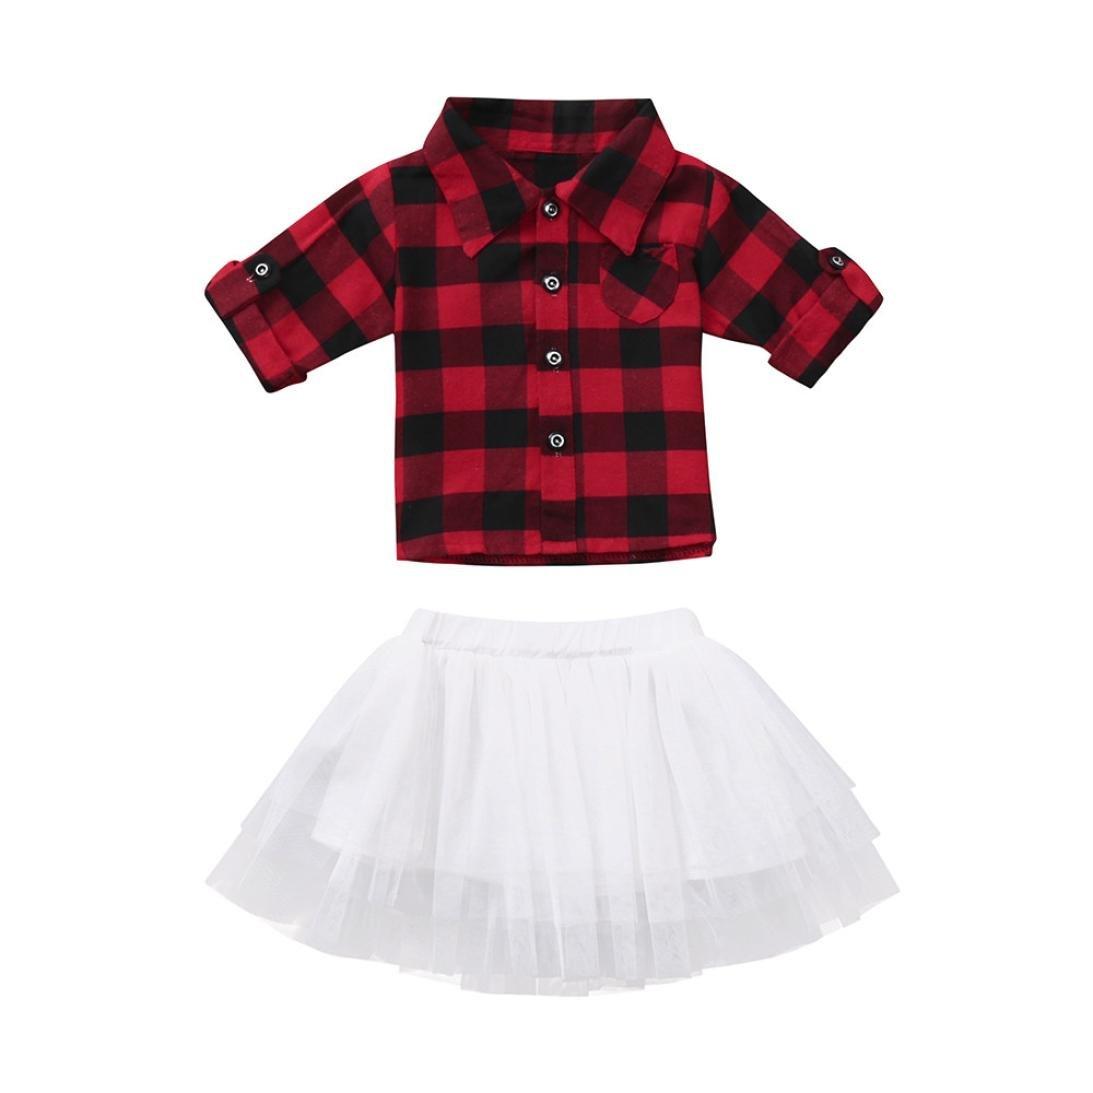 BYSTE Abito Bambina Ragazze Abiti Maniche lunghe Plaid camicia Top T-shirt + Gonna di garza Bowknot tutu Vestito da principessa Impostato